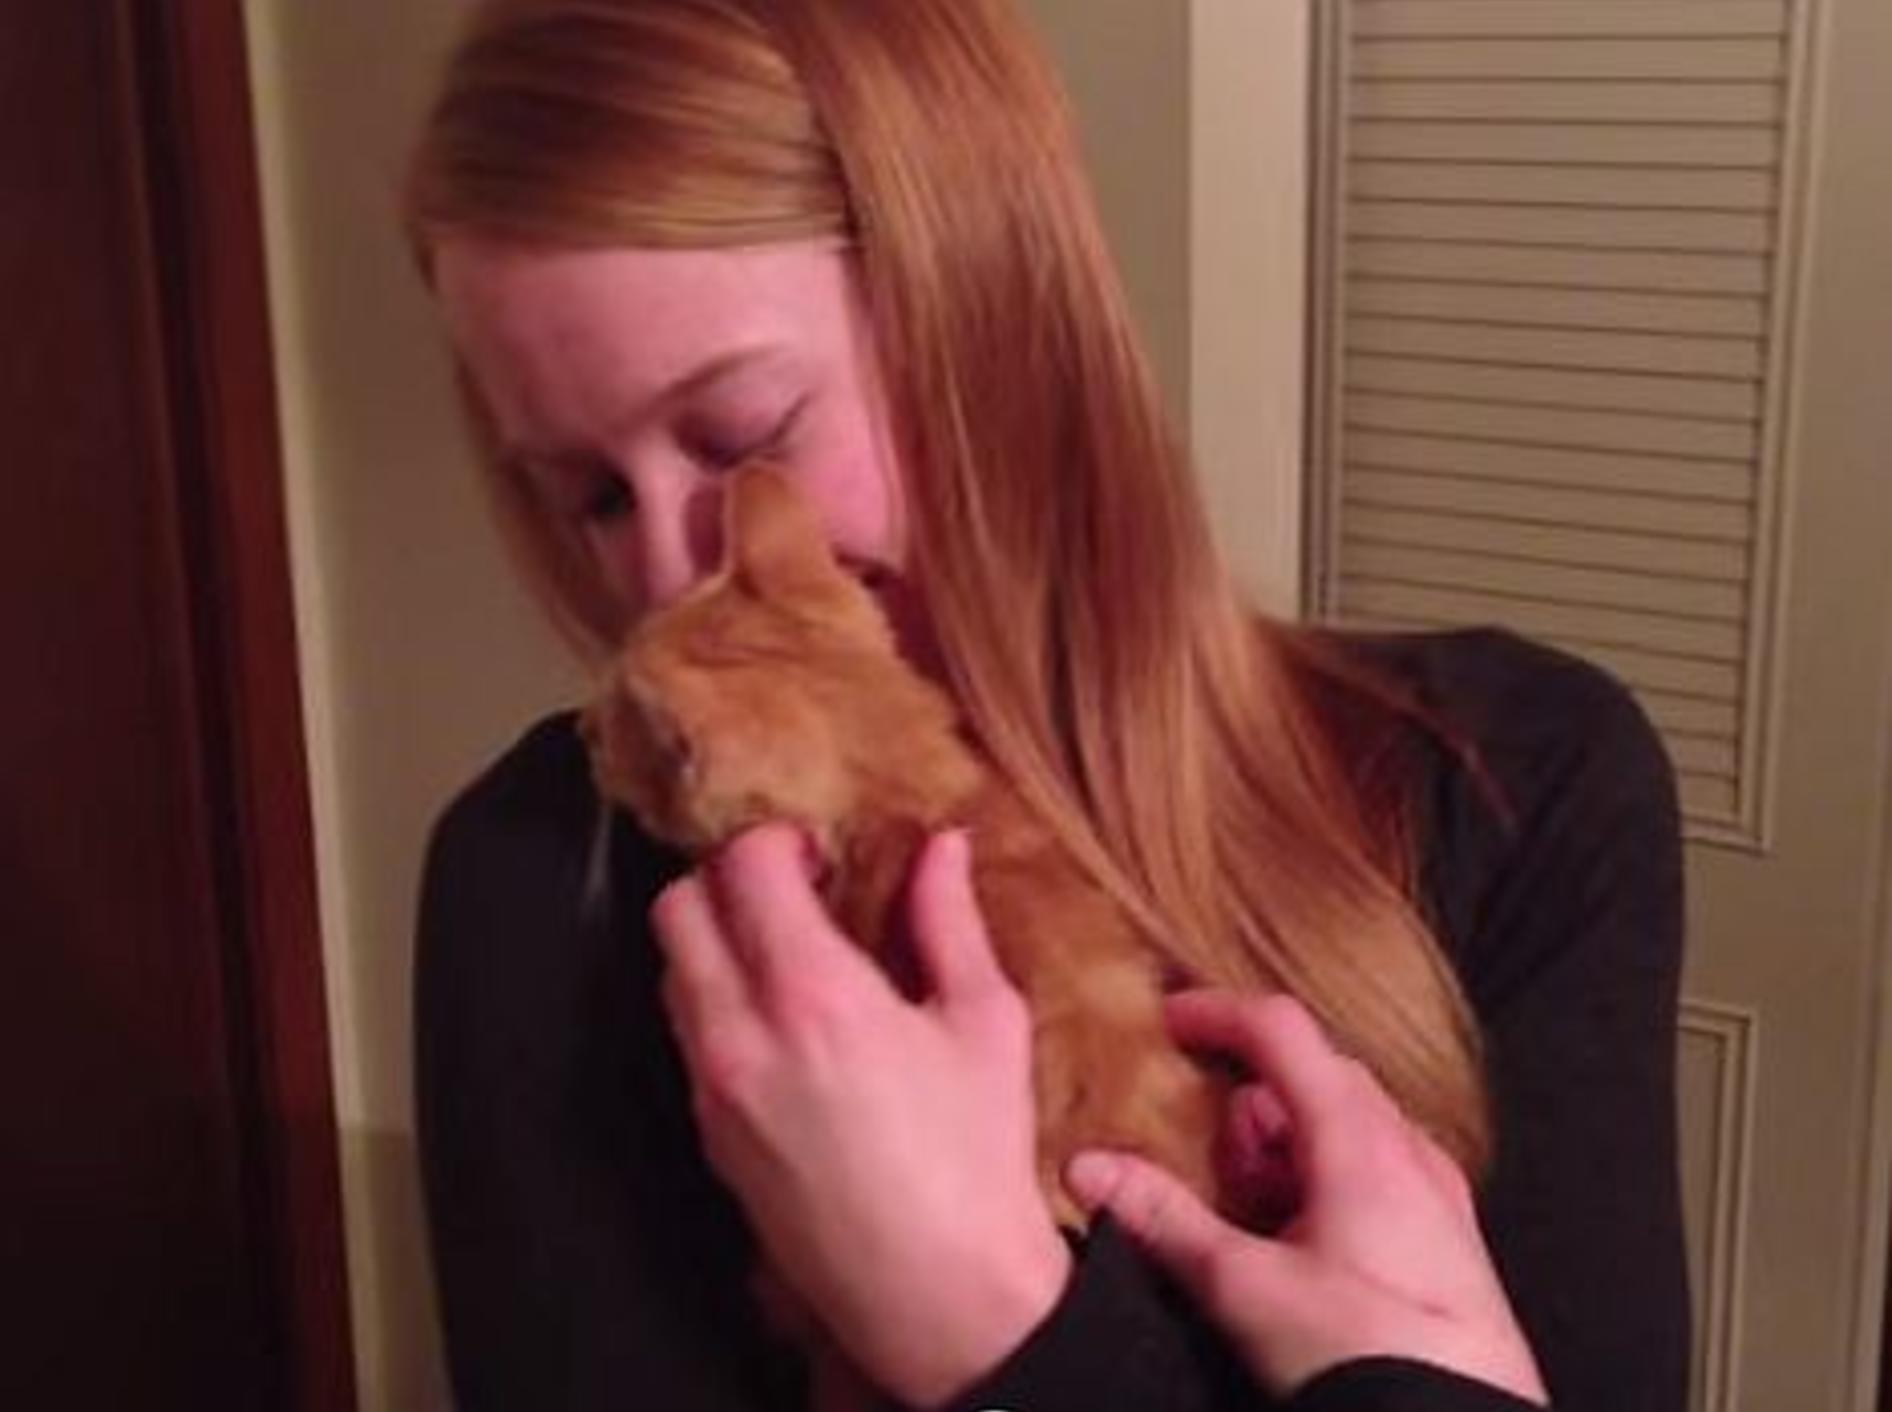 Mädchen bekommt eine süße Katzen-Überraschung – Bild: Youtube / Just A Skinny Boy